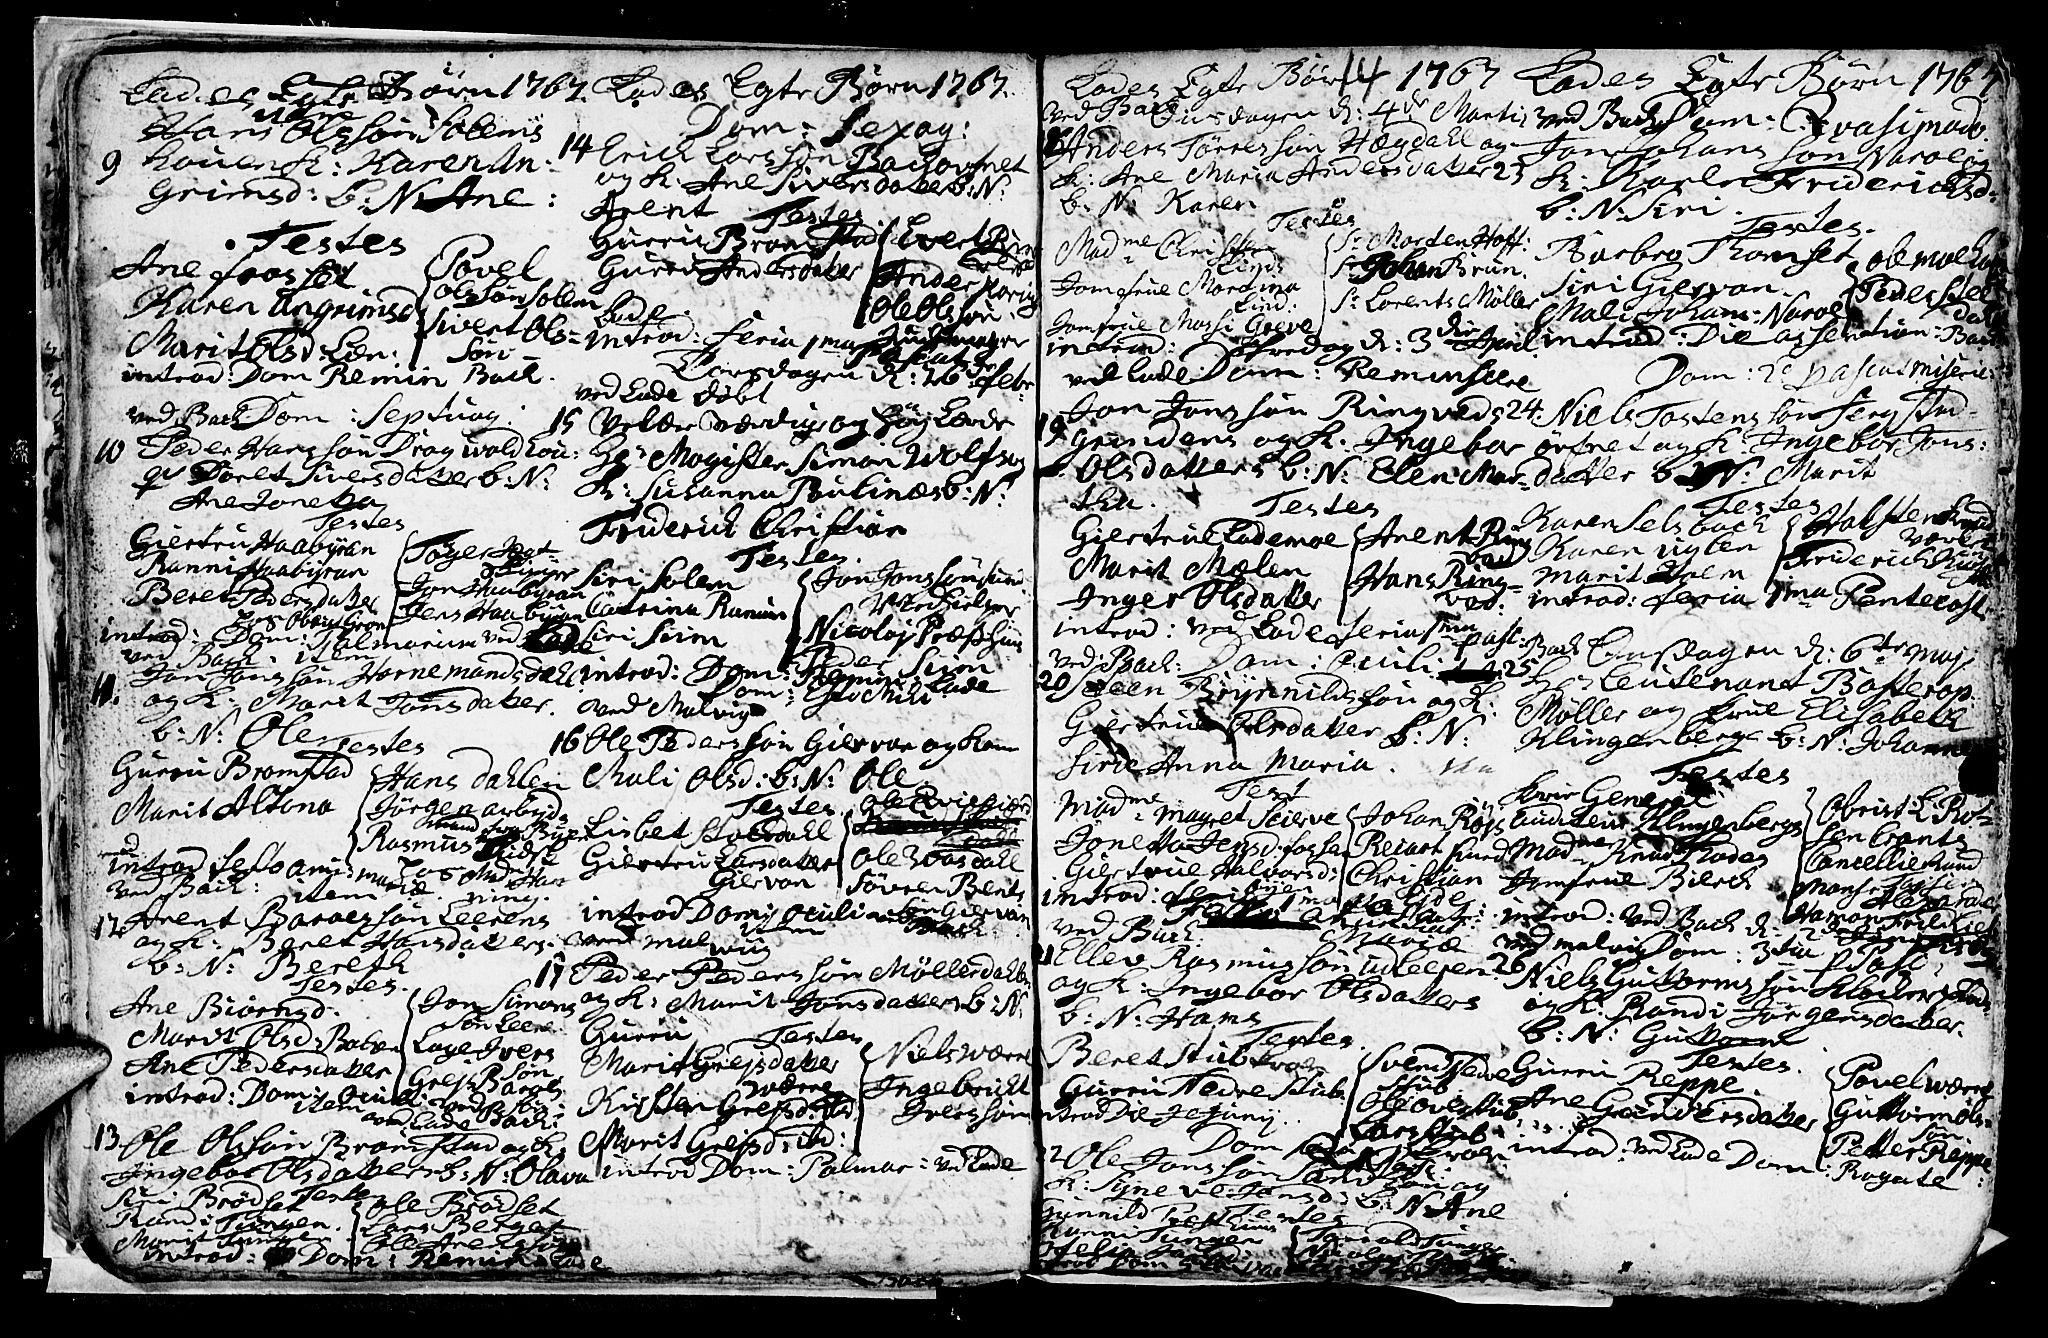 SAT, Ministerialprotokoller, klokkerbøker og fødselsregistre - Sør-Trøndelag, 606/L0305: Klokkerbok nr. 606C01, 1757-1819, s. 14